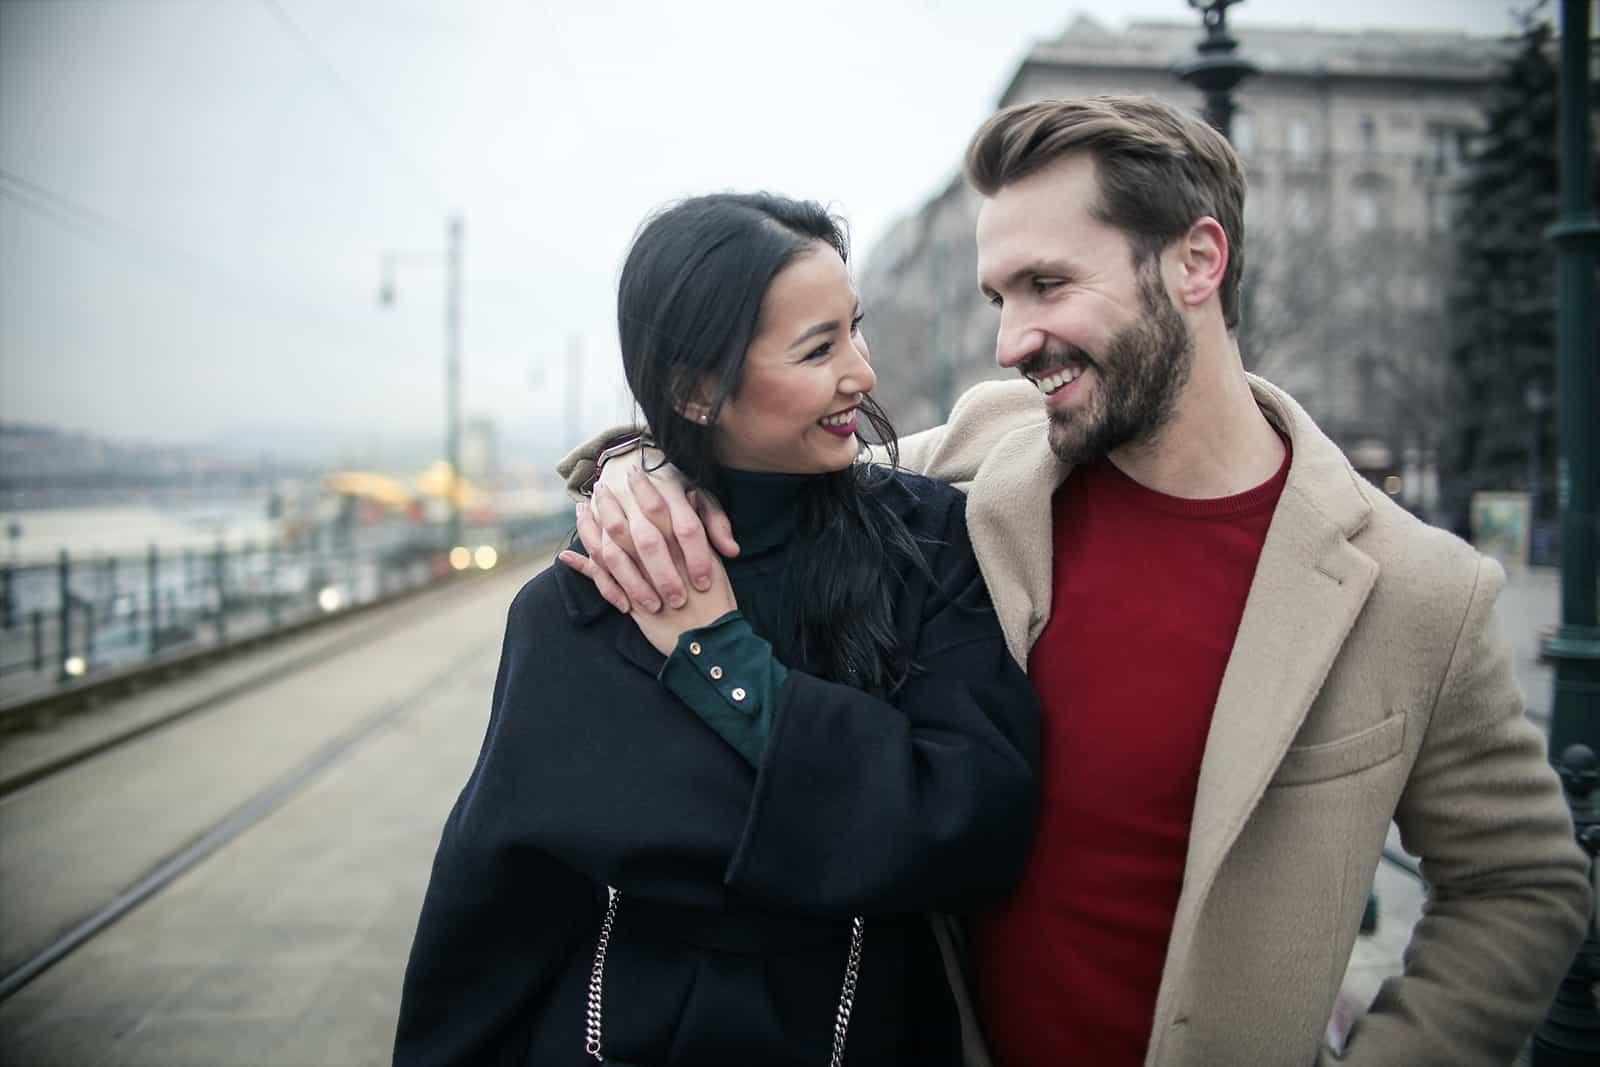 un homme souriant embrassant une femme souriante en marchant ensemble